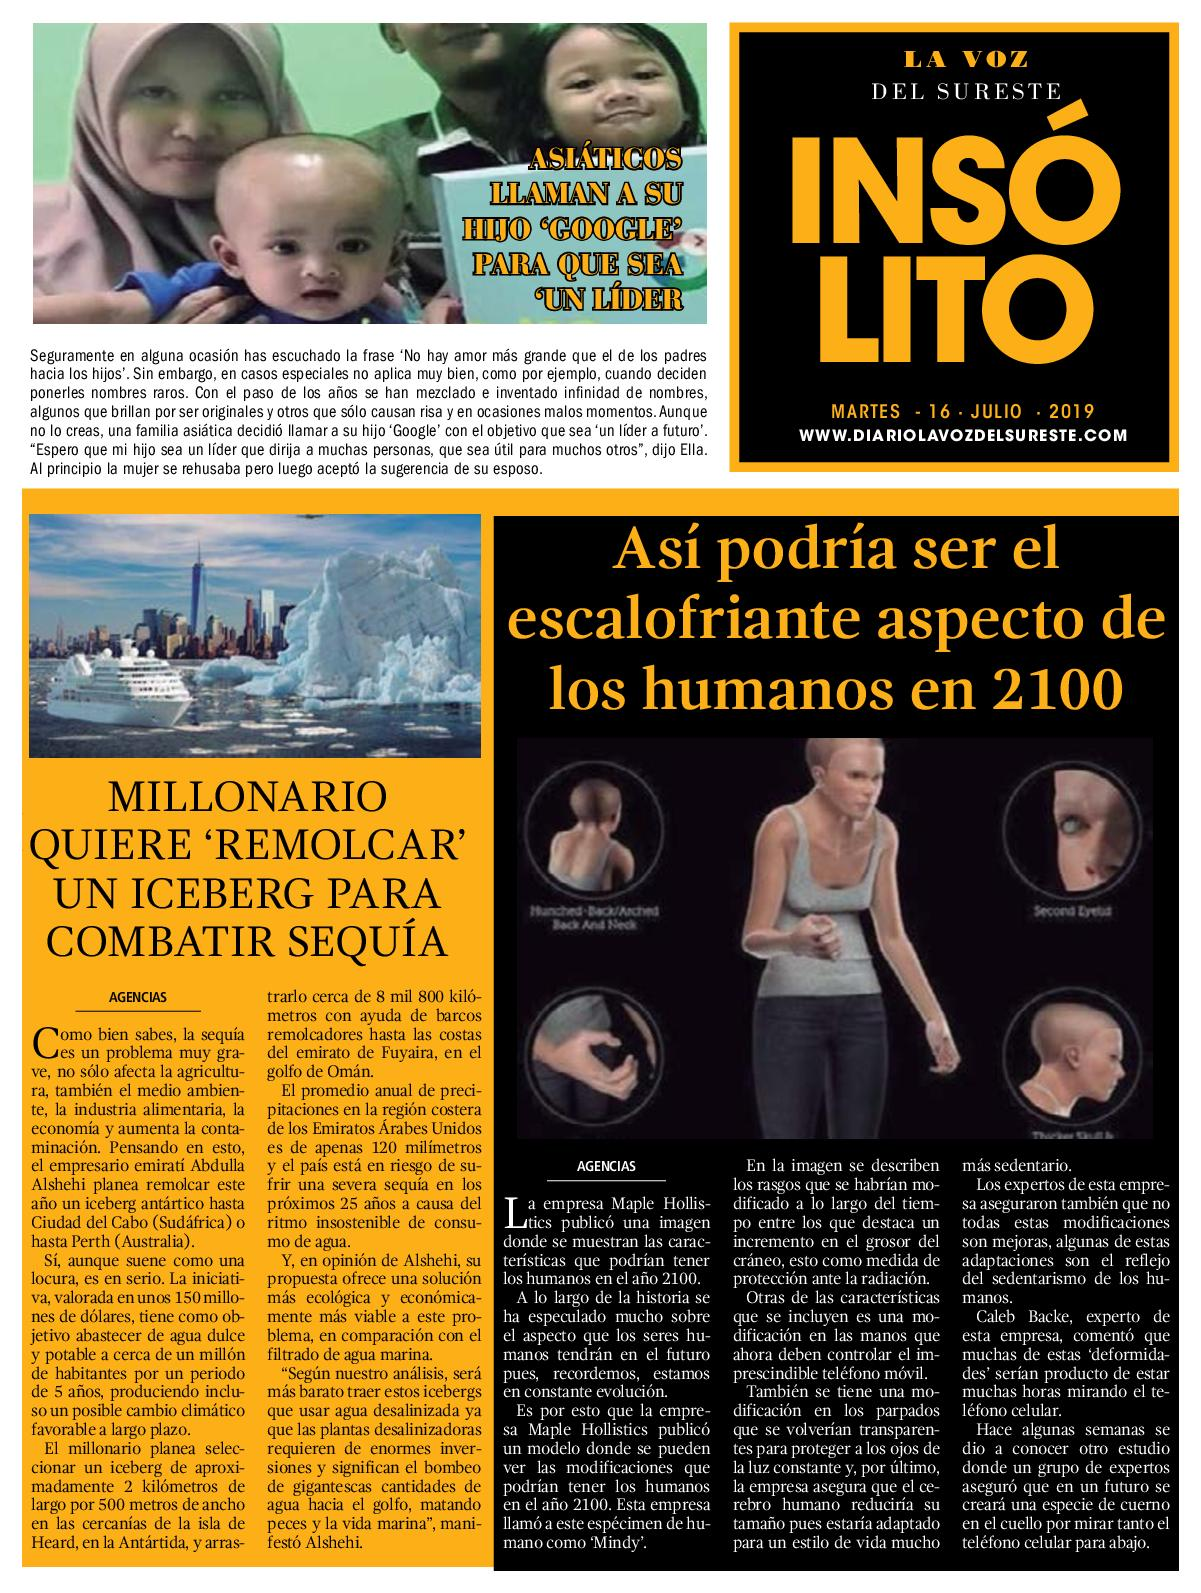 Diario La Voz del Sureste  16-07-2019